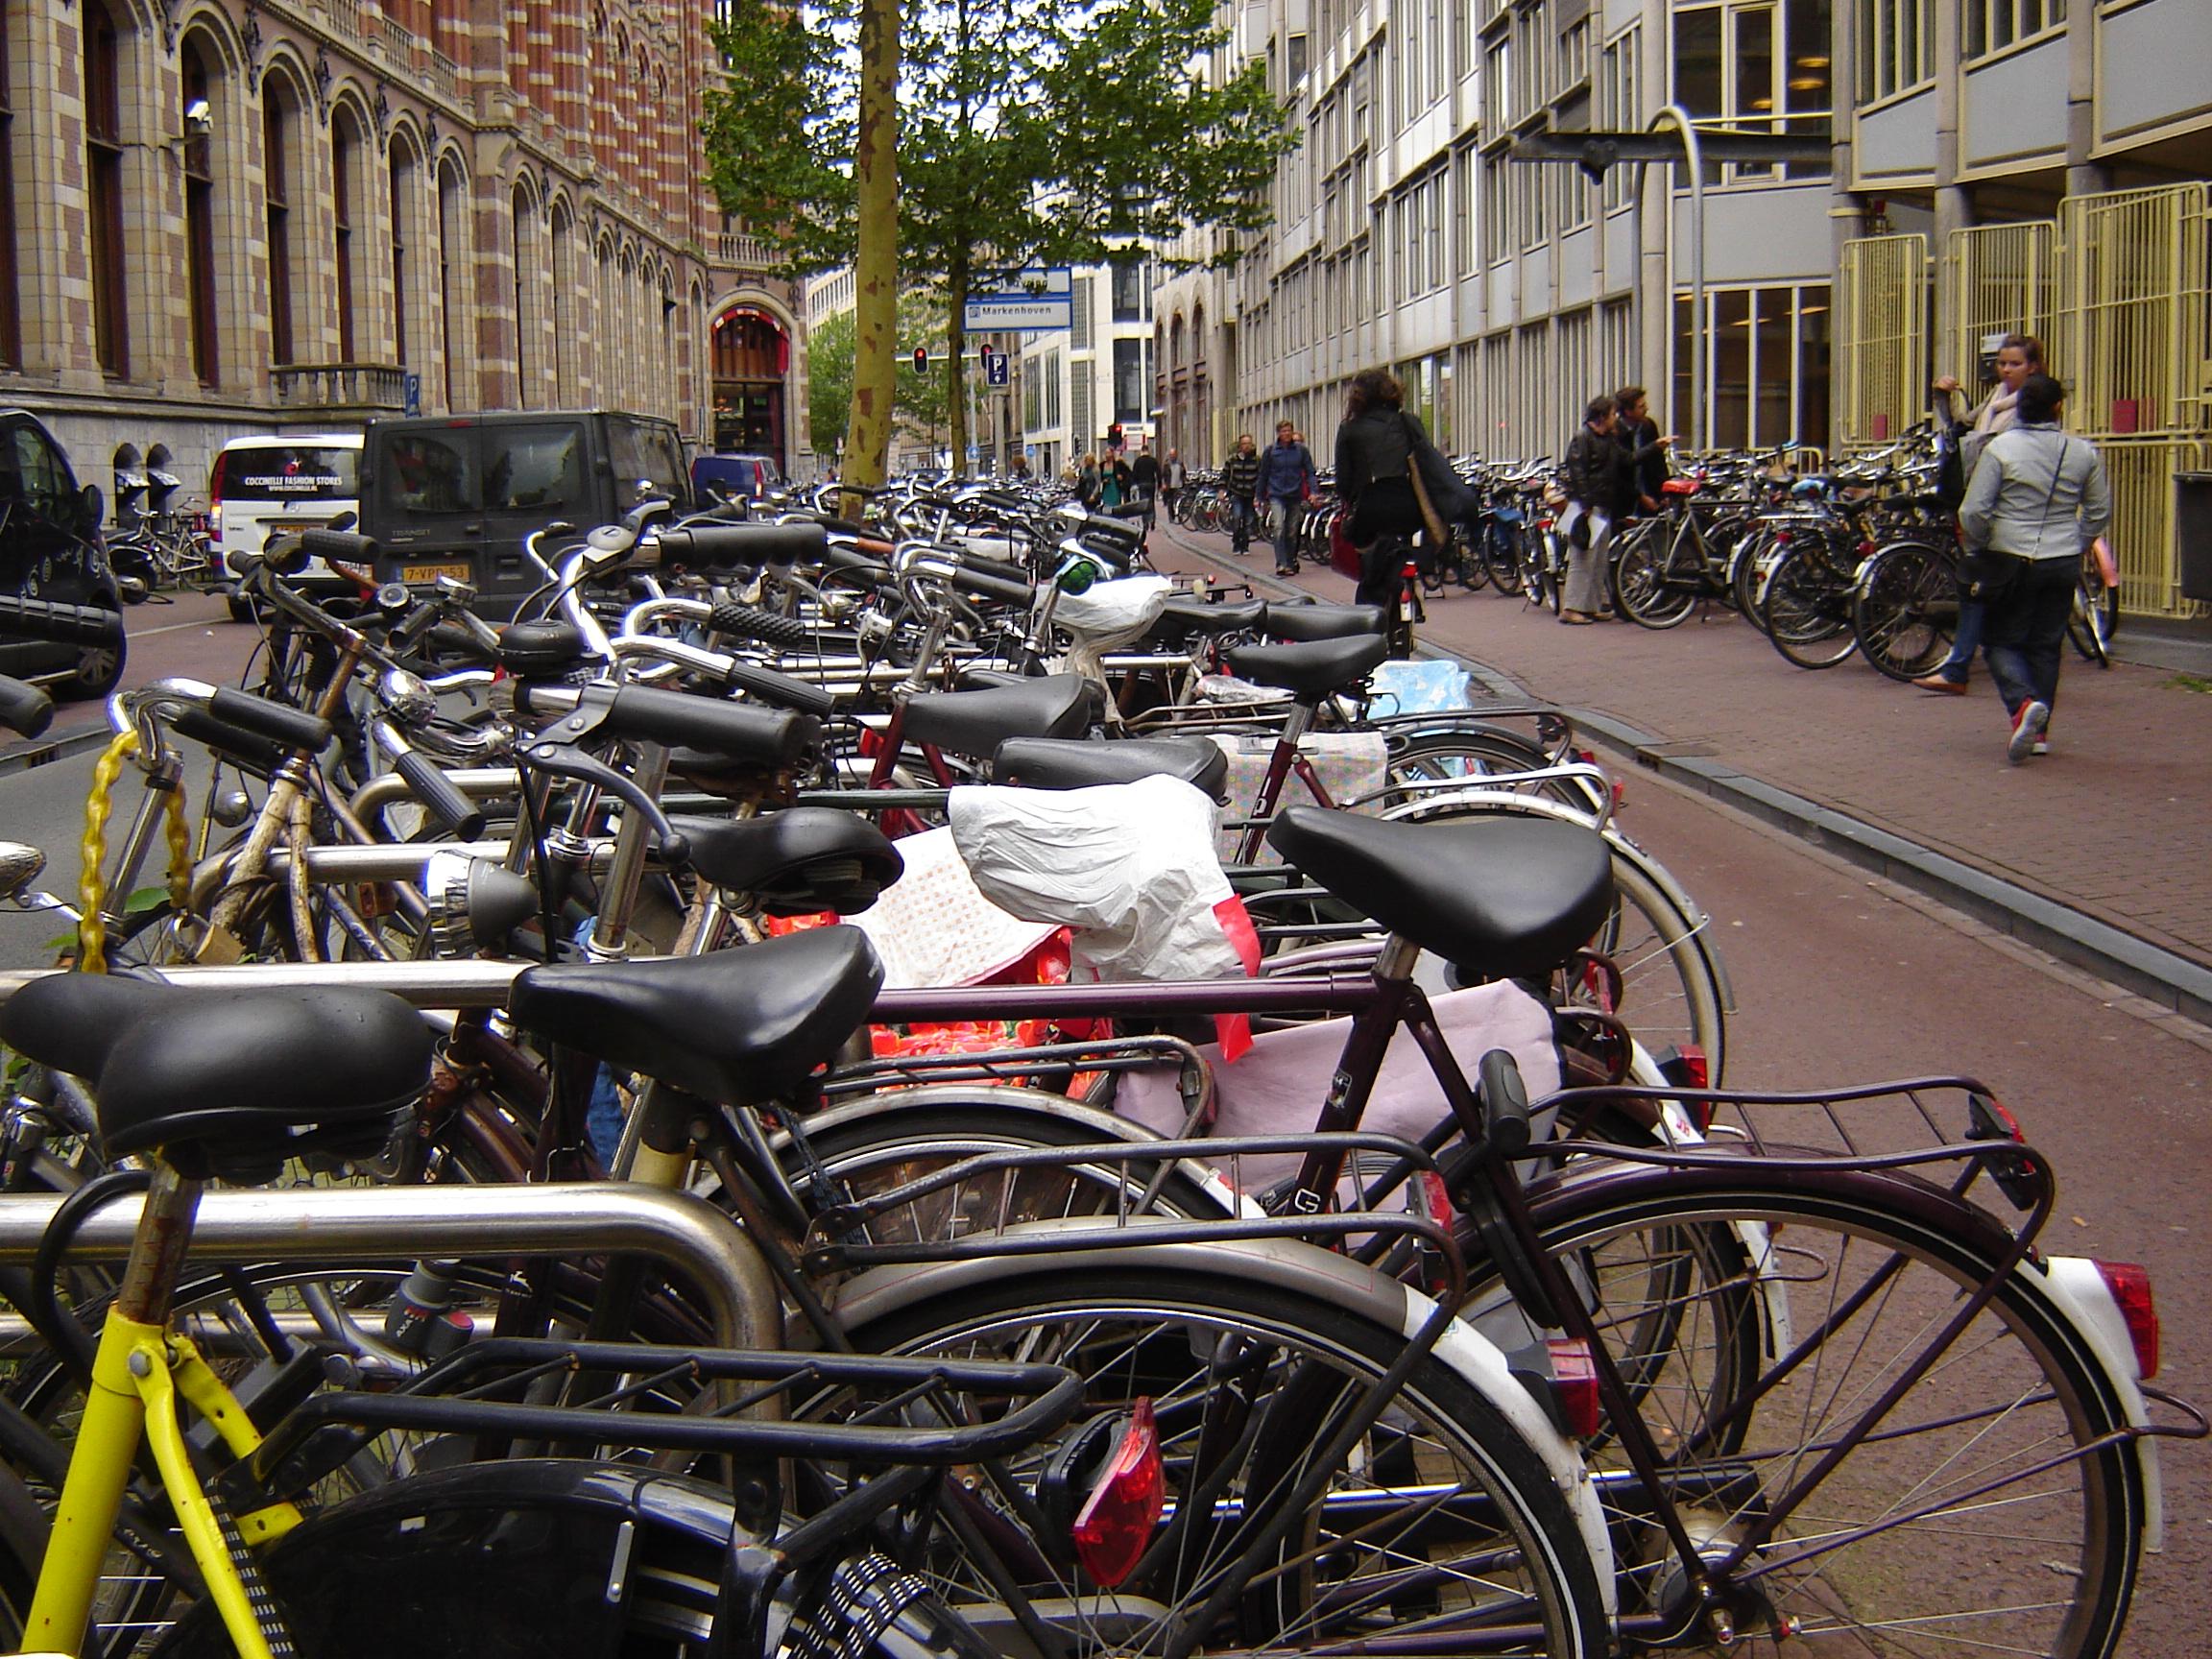 Holanđani popiju najviše kafe po stanovniku u svetu